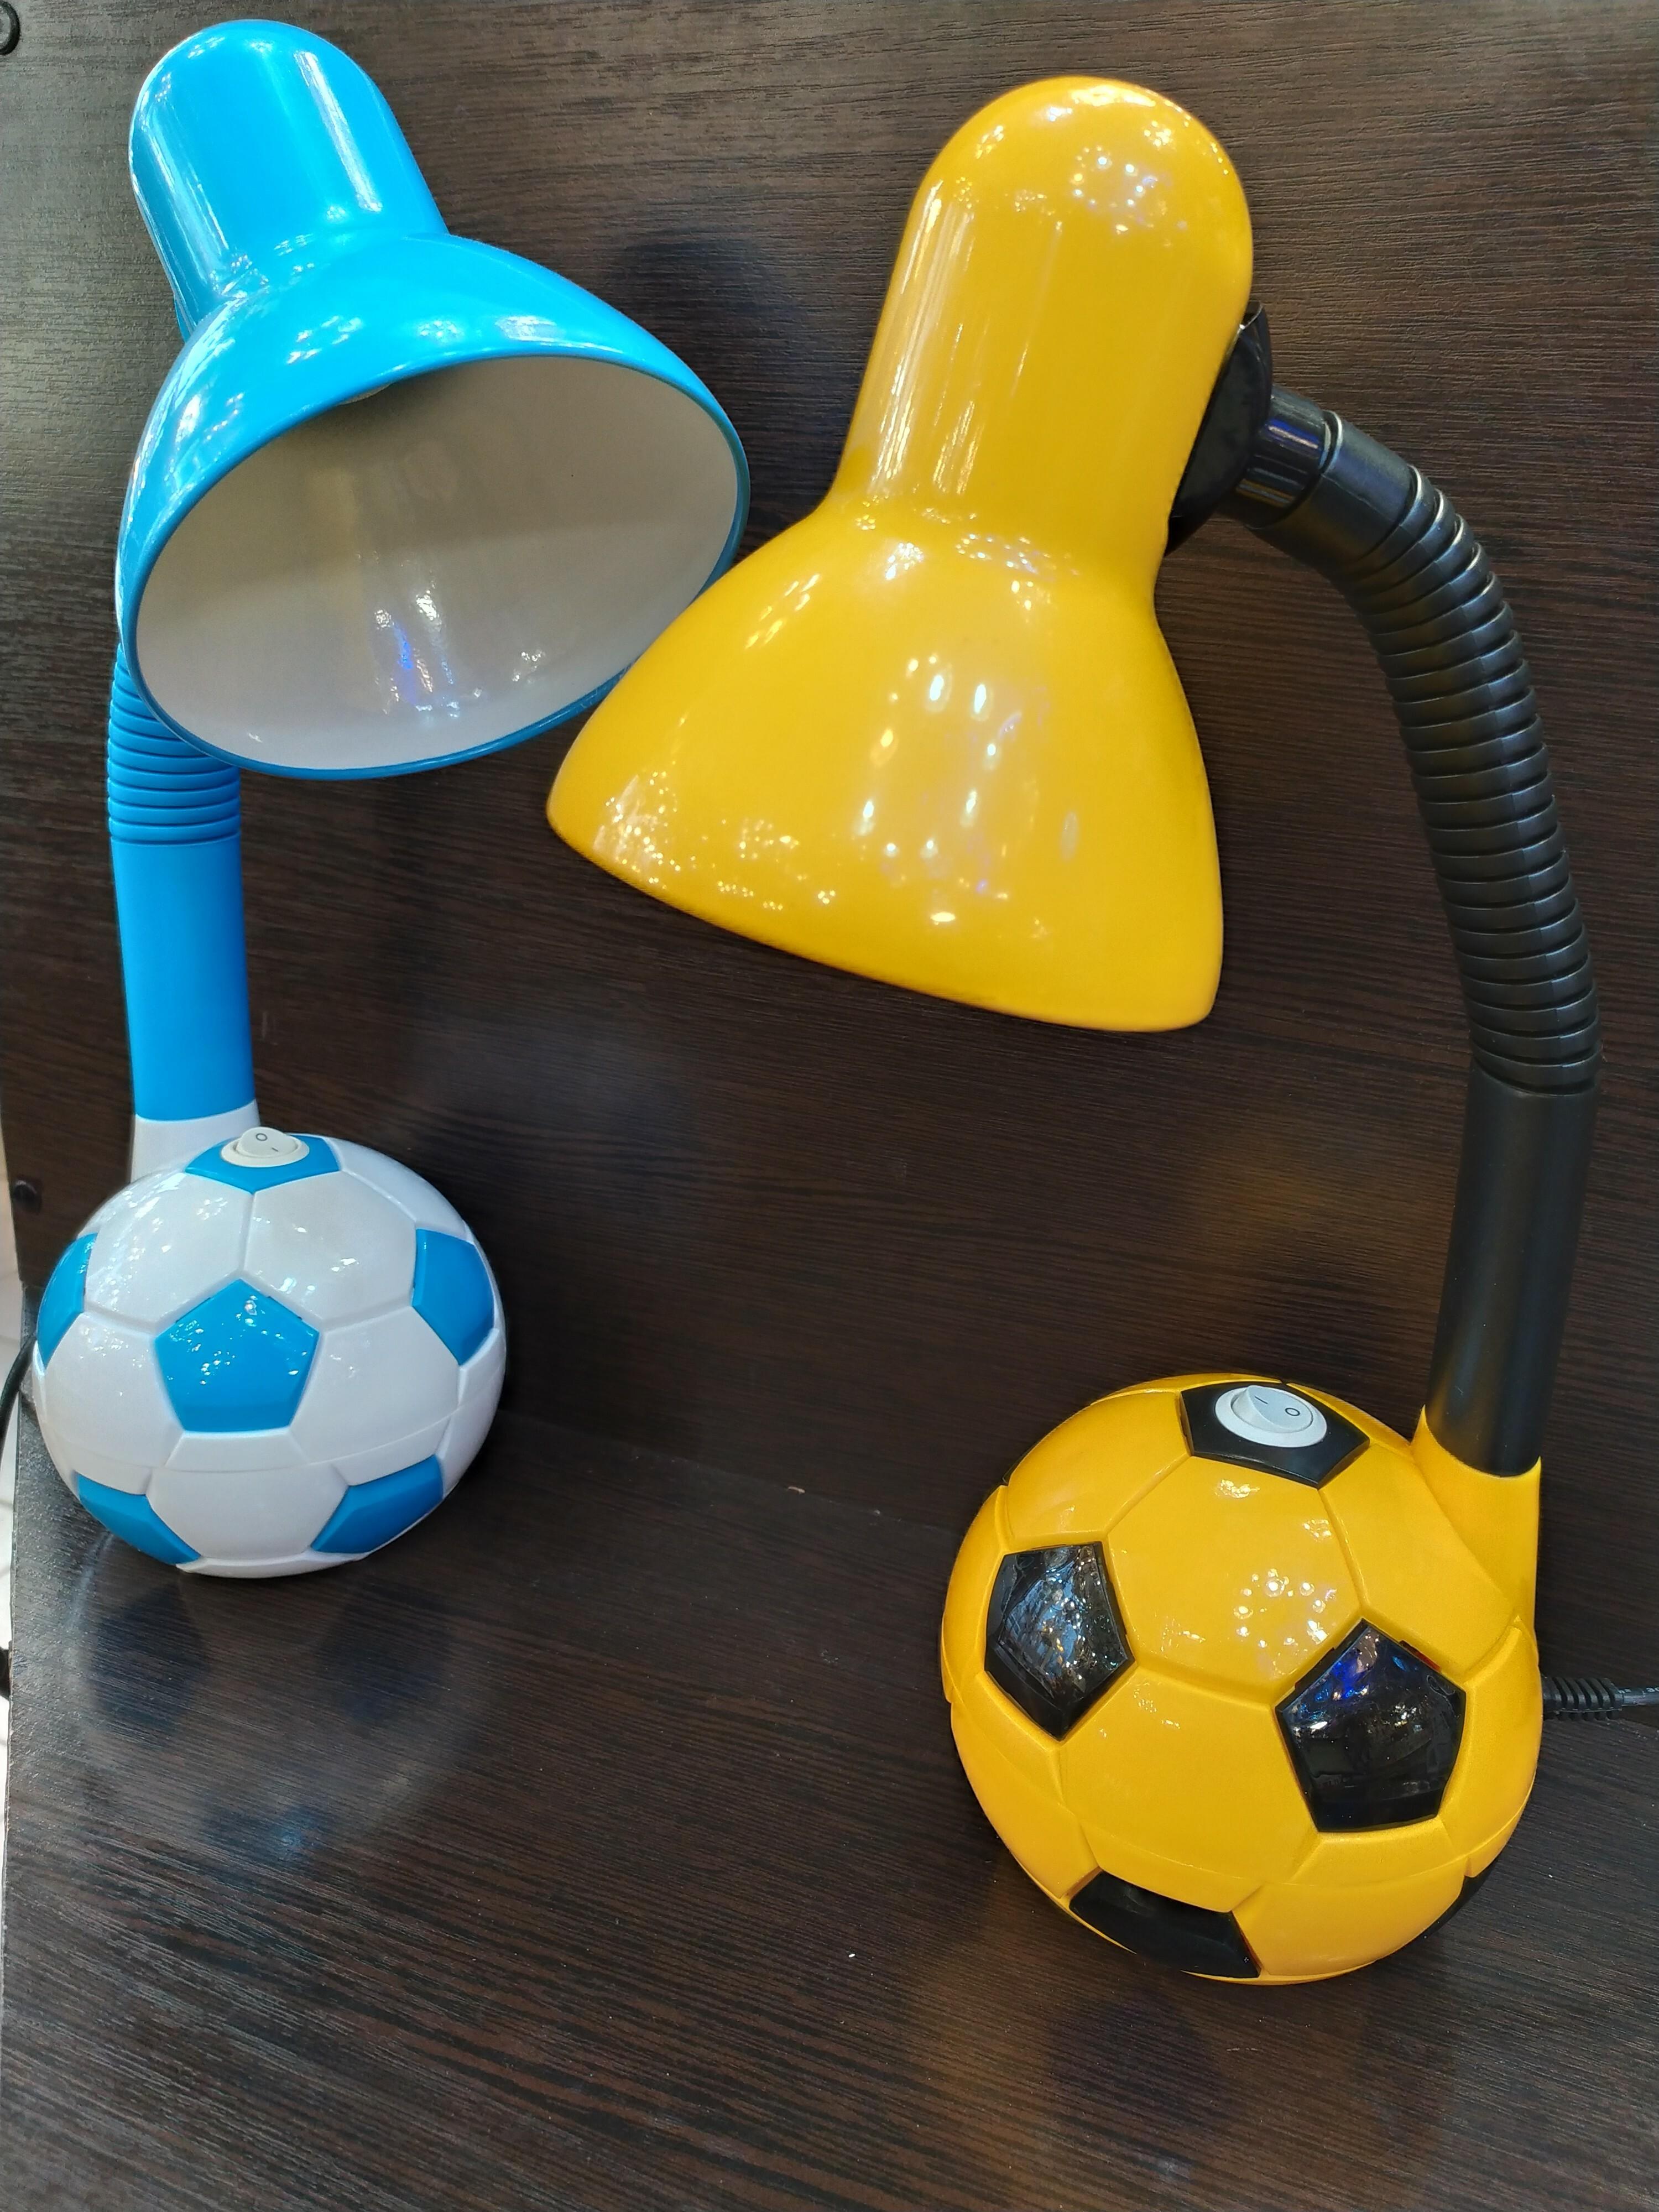 Ученическая лампа EN-DL14 голубая и желтая